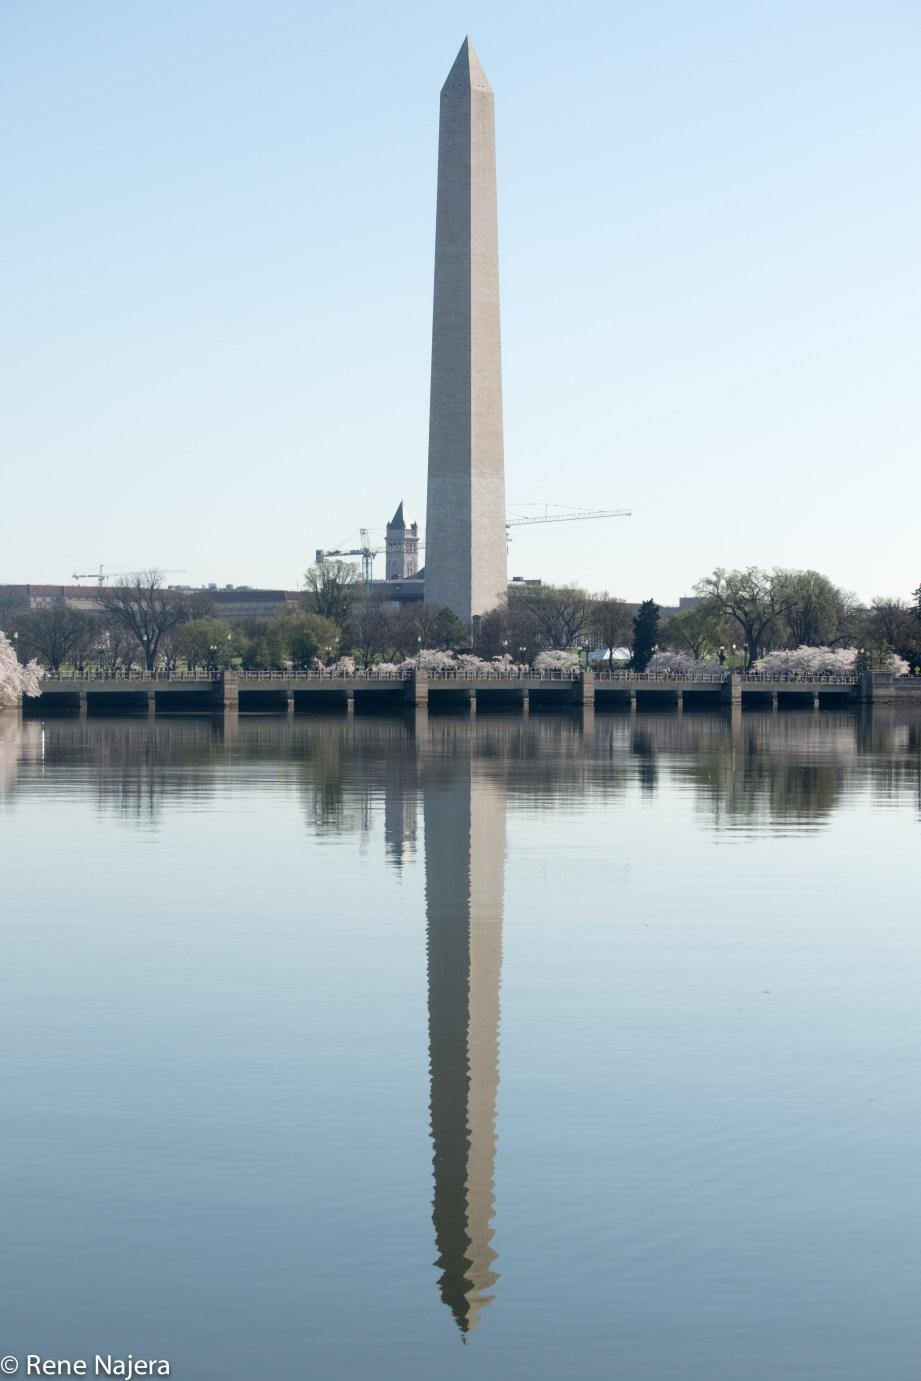 Washington Monument and reflection